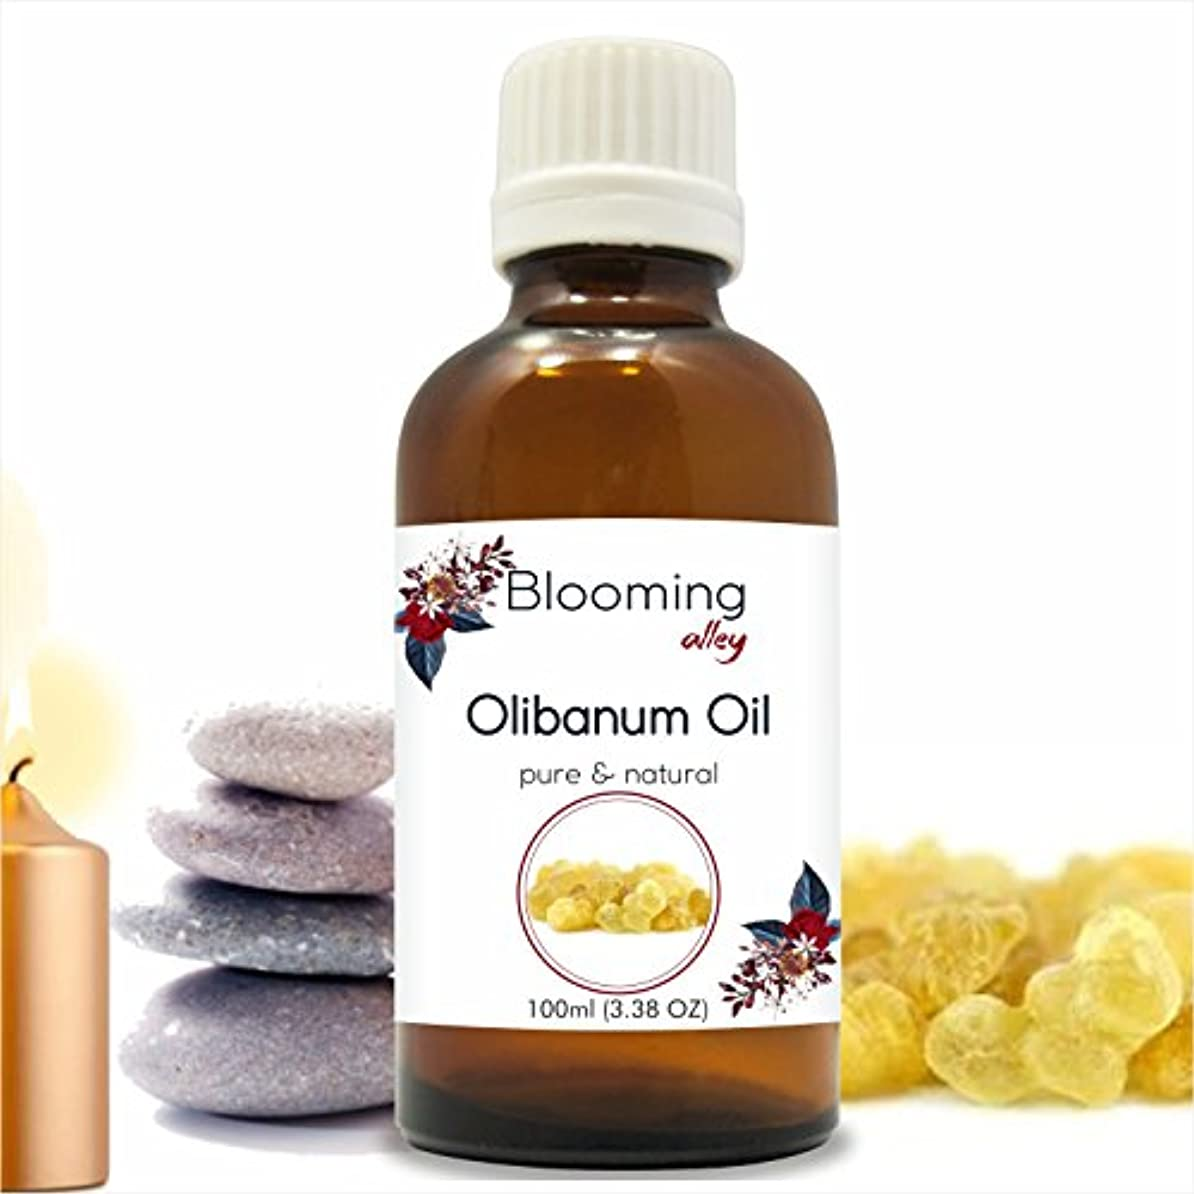 申請者硬い保全Olibanum Oil (Boswellia Serrata) Essential Oil 100 ml or 3.38 Fl Oz by Blooming Alley